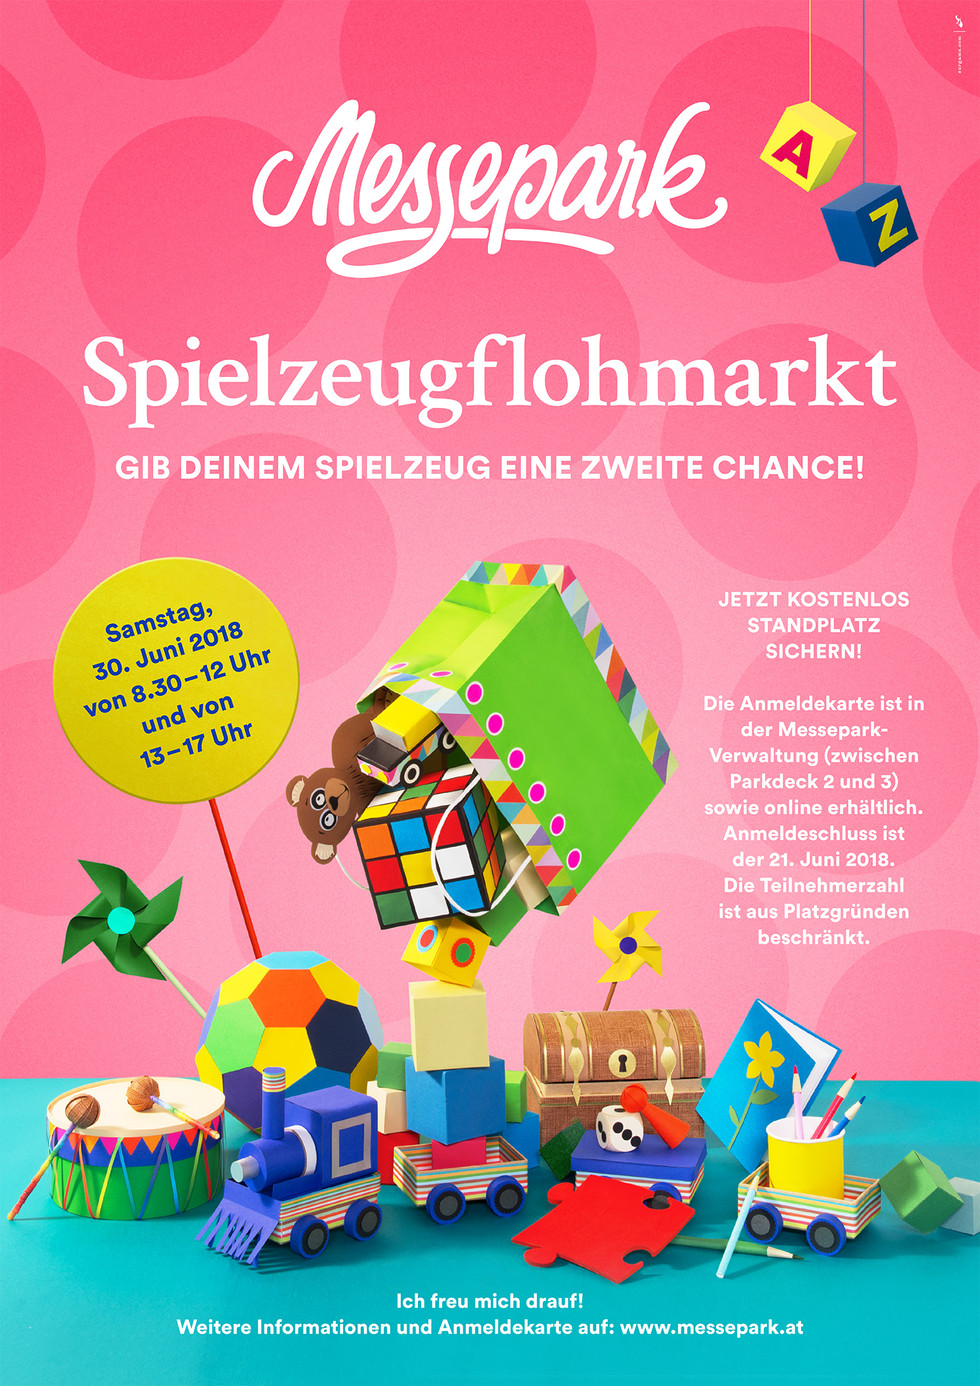 Messepark-Spielzeugflohmarkt